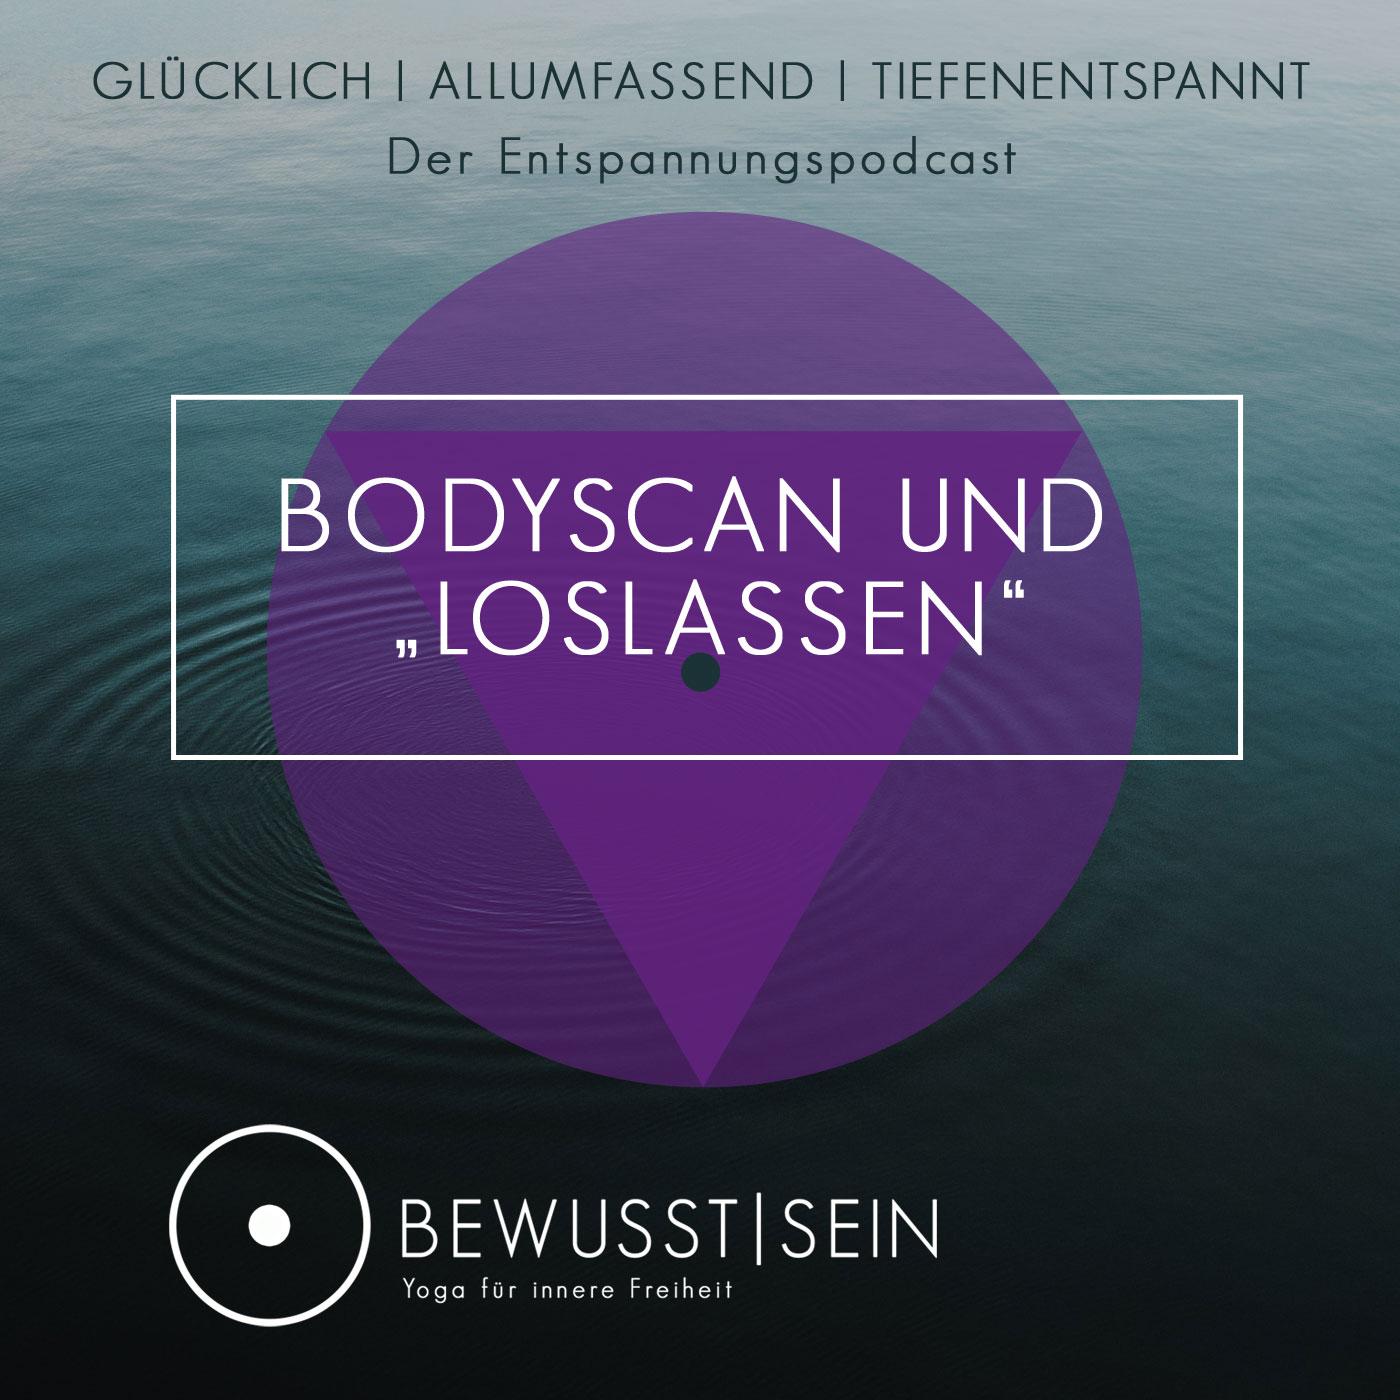 Bodyscan und Loslassen